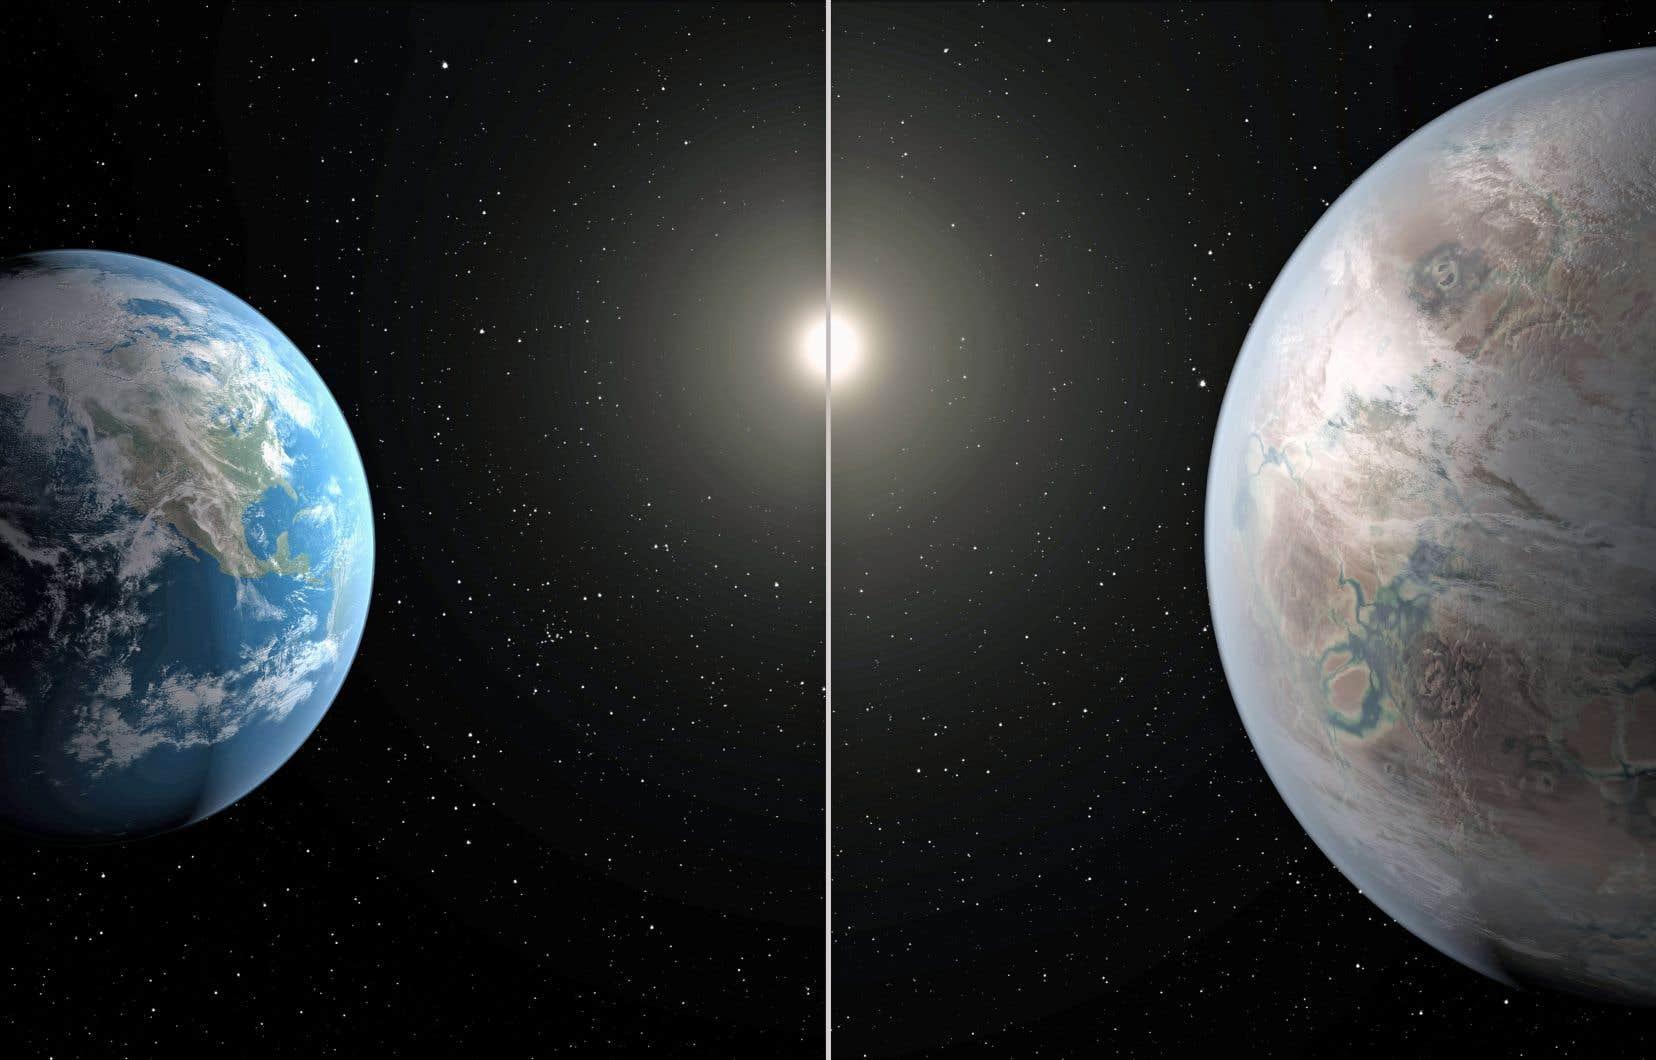 L'exoplanète Kepler 452b, dont le diamètre est 1,5 fois plus grand que celui de la Terre, tourne autour d'une étoile semblable à notre Soleil.